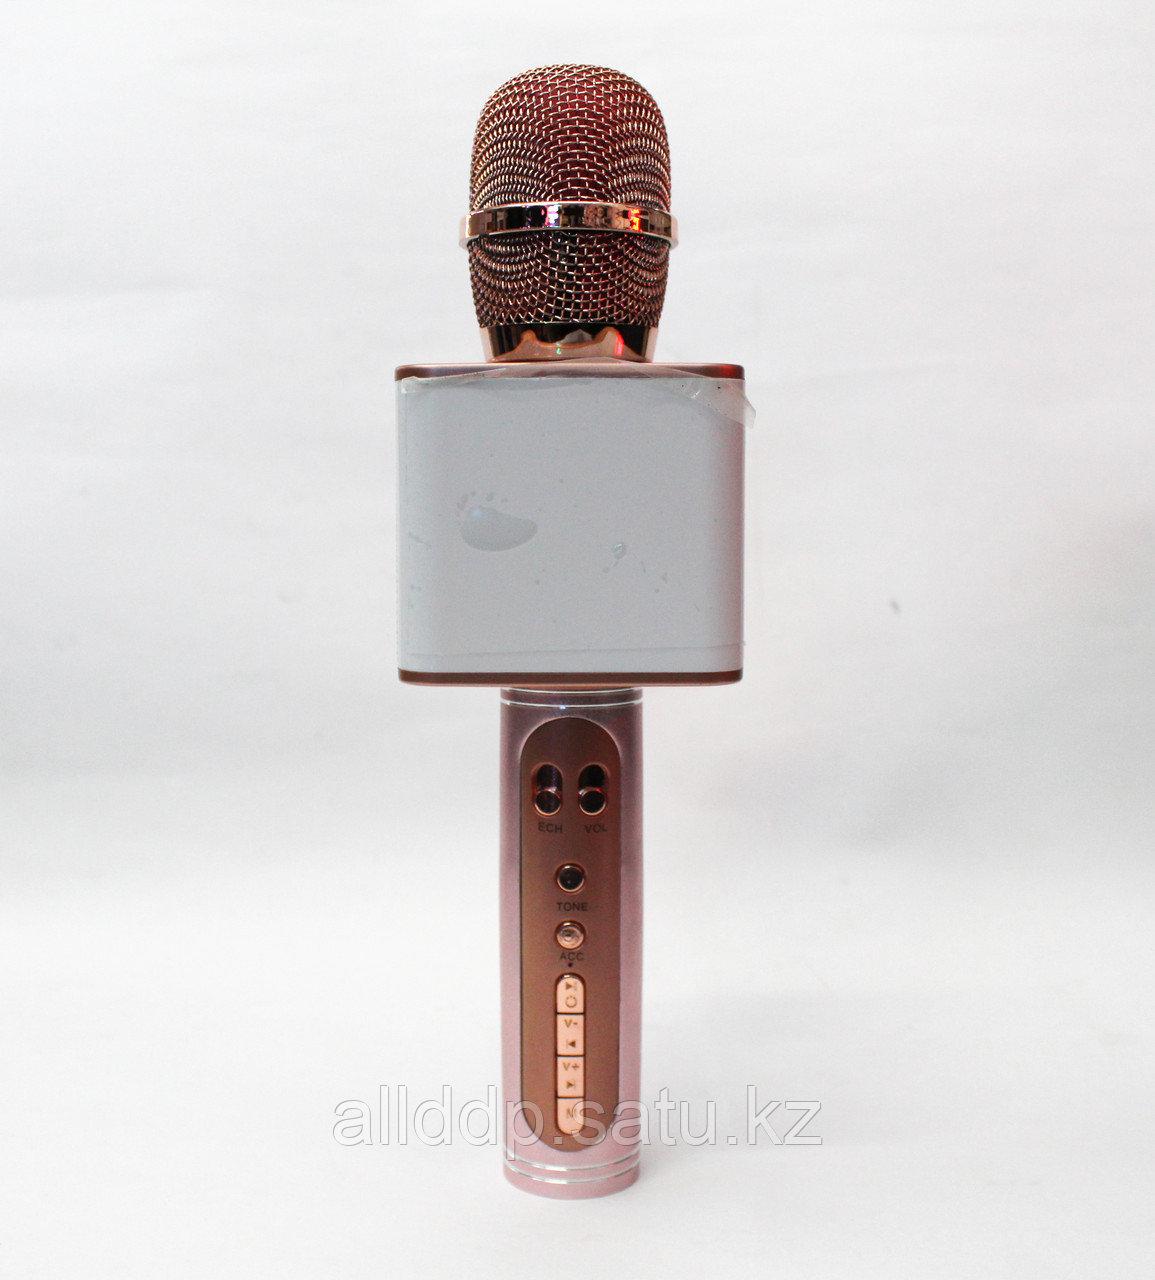 Беспроводной караоке микрофон YS-08A